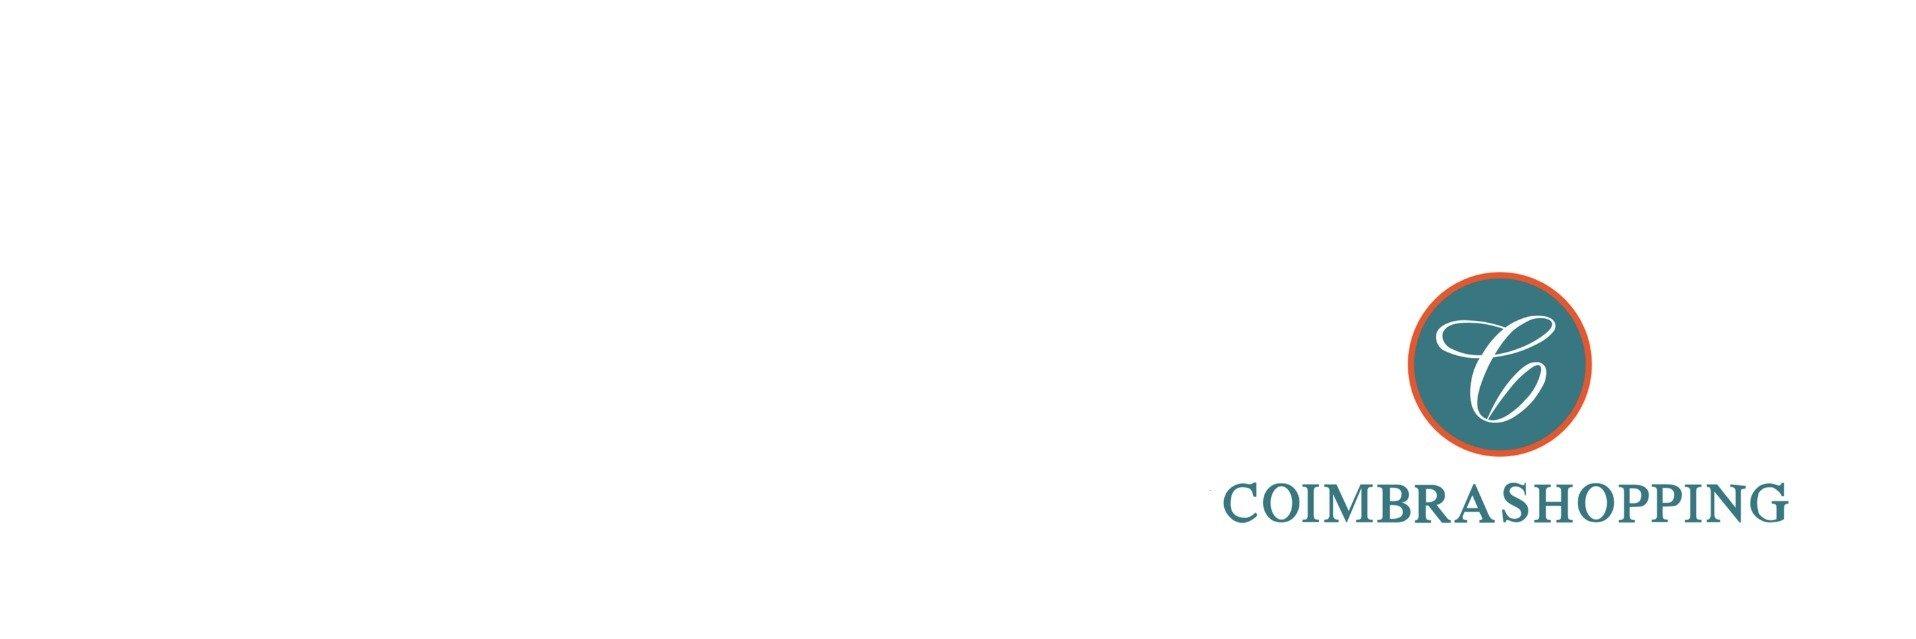 CoimbraShopping apoia o 1º Concurso de Vídeos de 2021 da Academia de Música de Coimbra